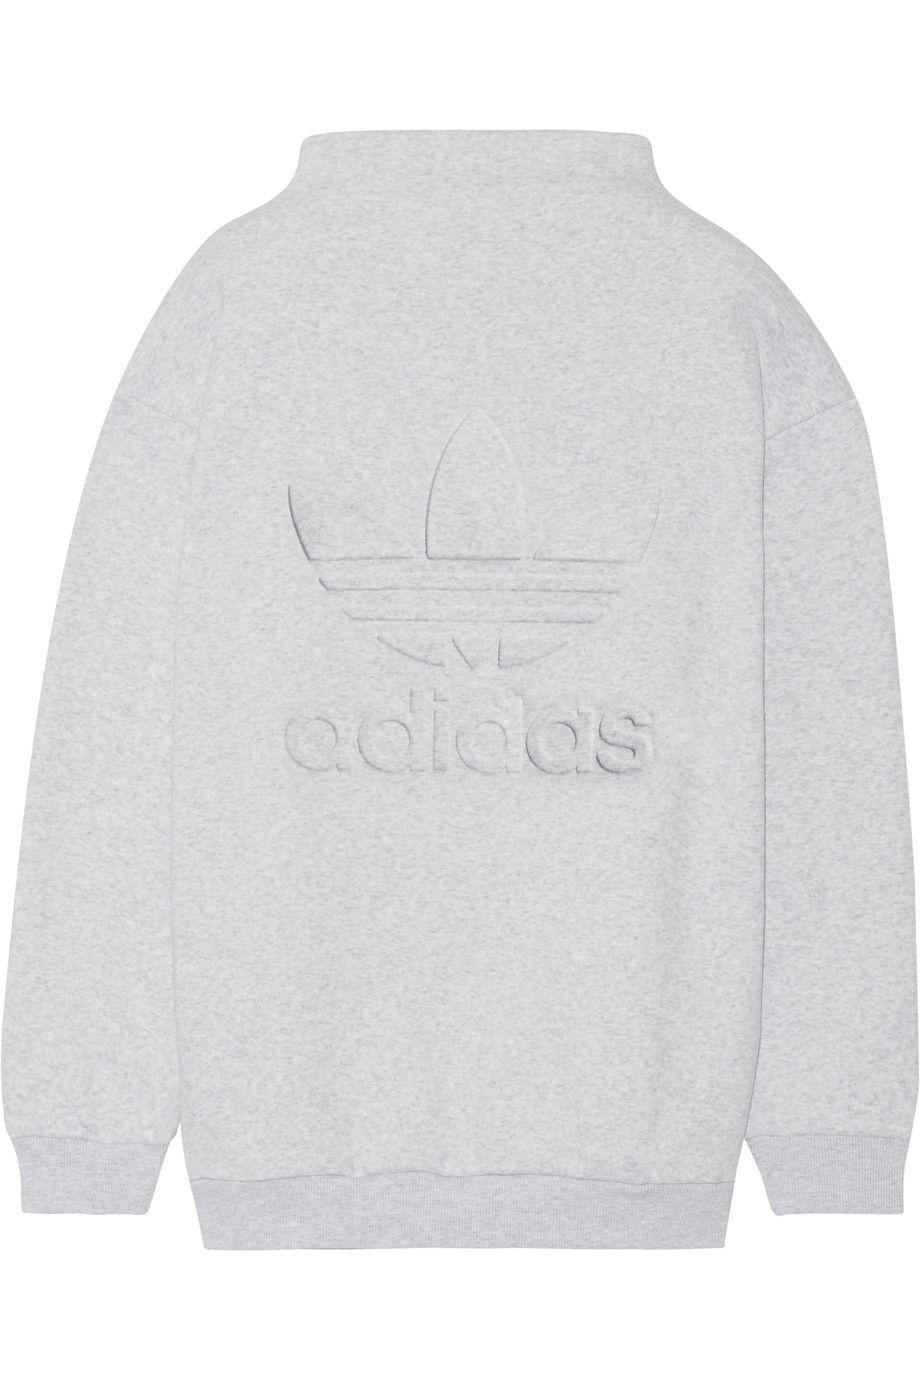 Adidas Originals Embossed Cotton Blend Fleece Sweatshirt Light Gray Cotton Blend Fleece Slips On 70 Cott Sweatshirts Sweatshirt Fleece Adidas Originals Women [ 1380 x 920 Pixel ]